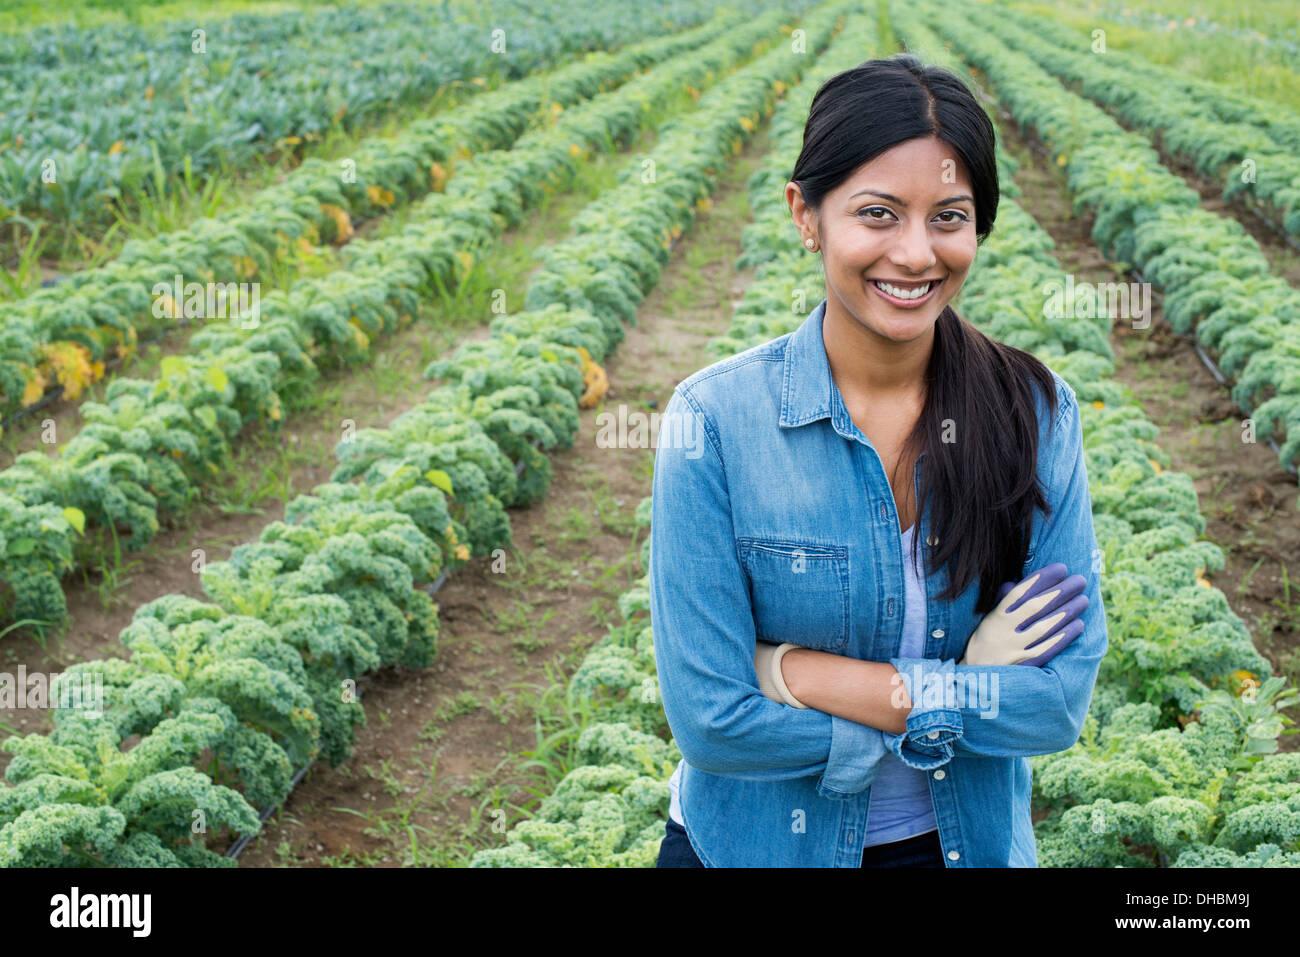 Reihen von lockigen grünen Gemüsepflanzen wachsen auf einem Bio-Bauernhof.  Ein Mann, inspizieren die Ernte. Stockbild